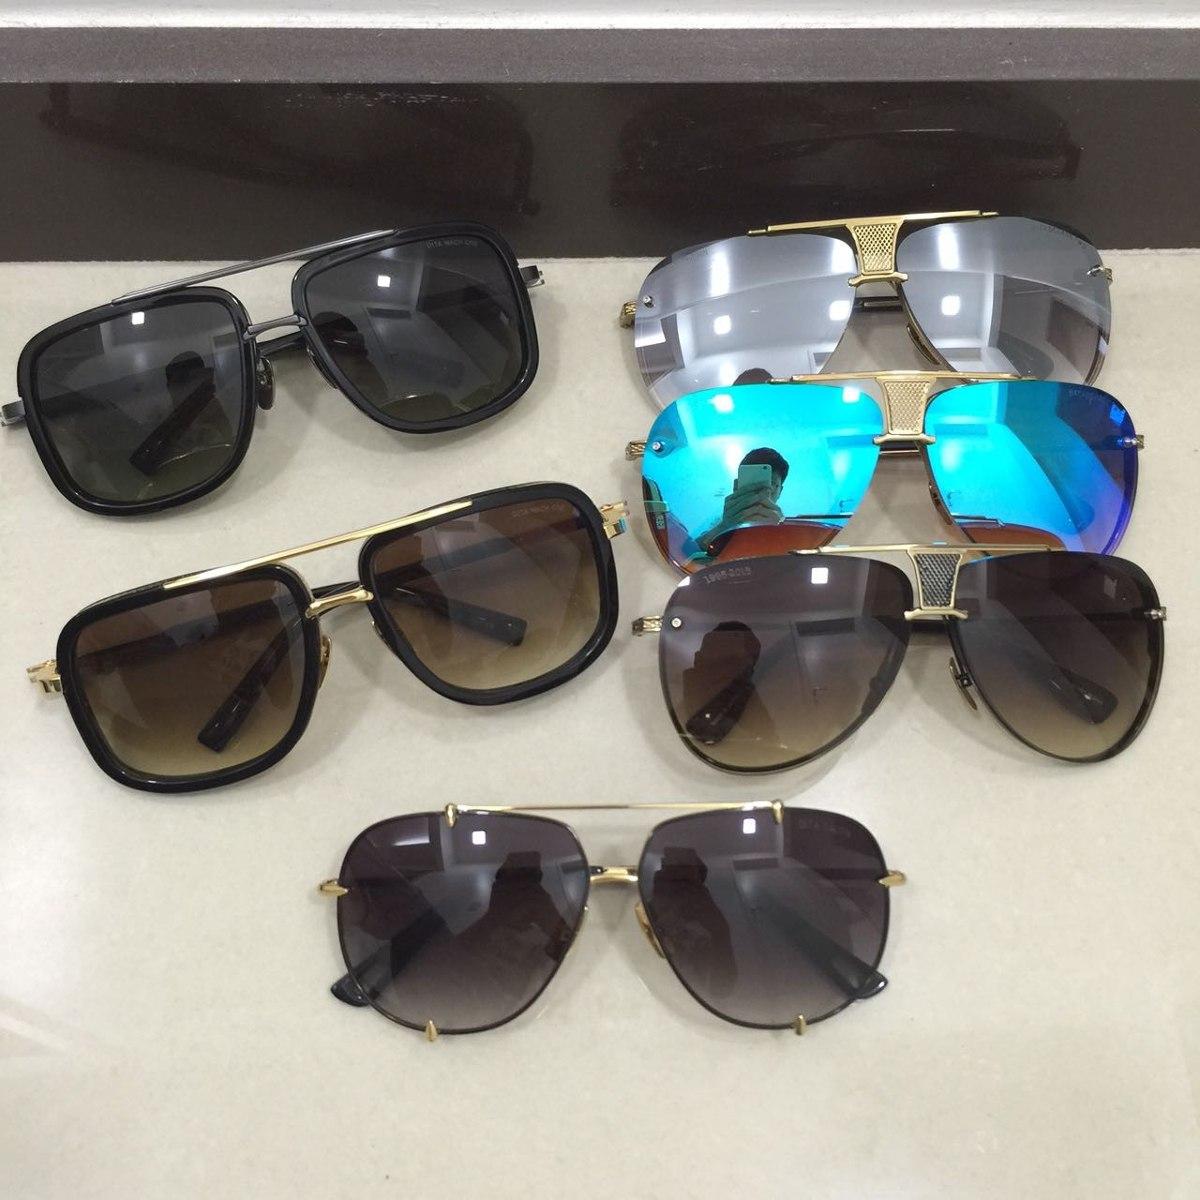 4ab5729d2 Óculos De Sol Dita Talon Vários Modelos Luxo Acessível - R$ 490,00 ...